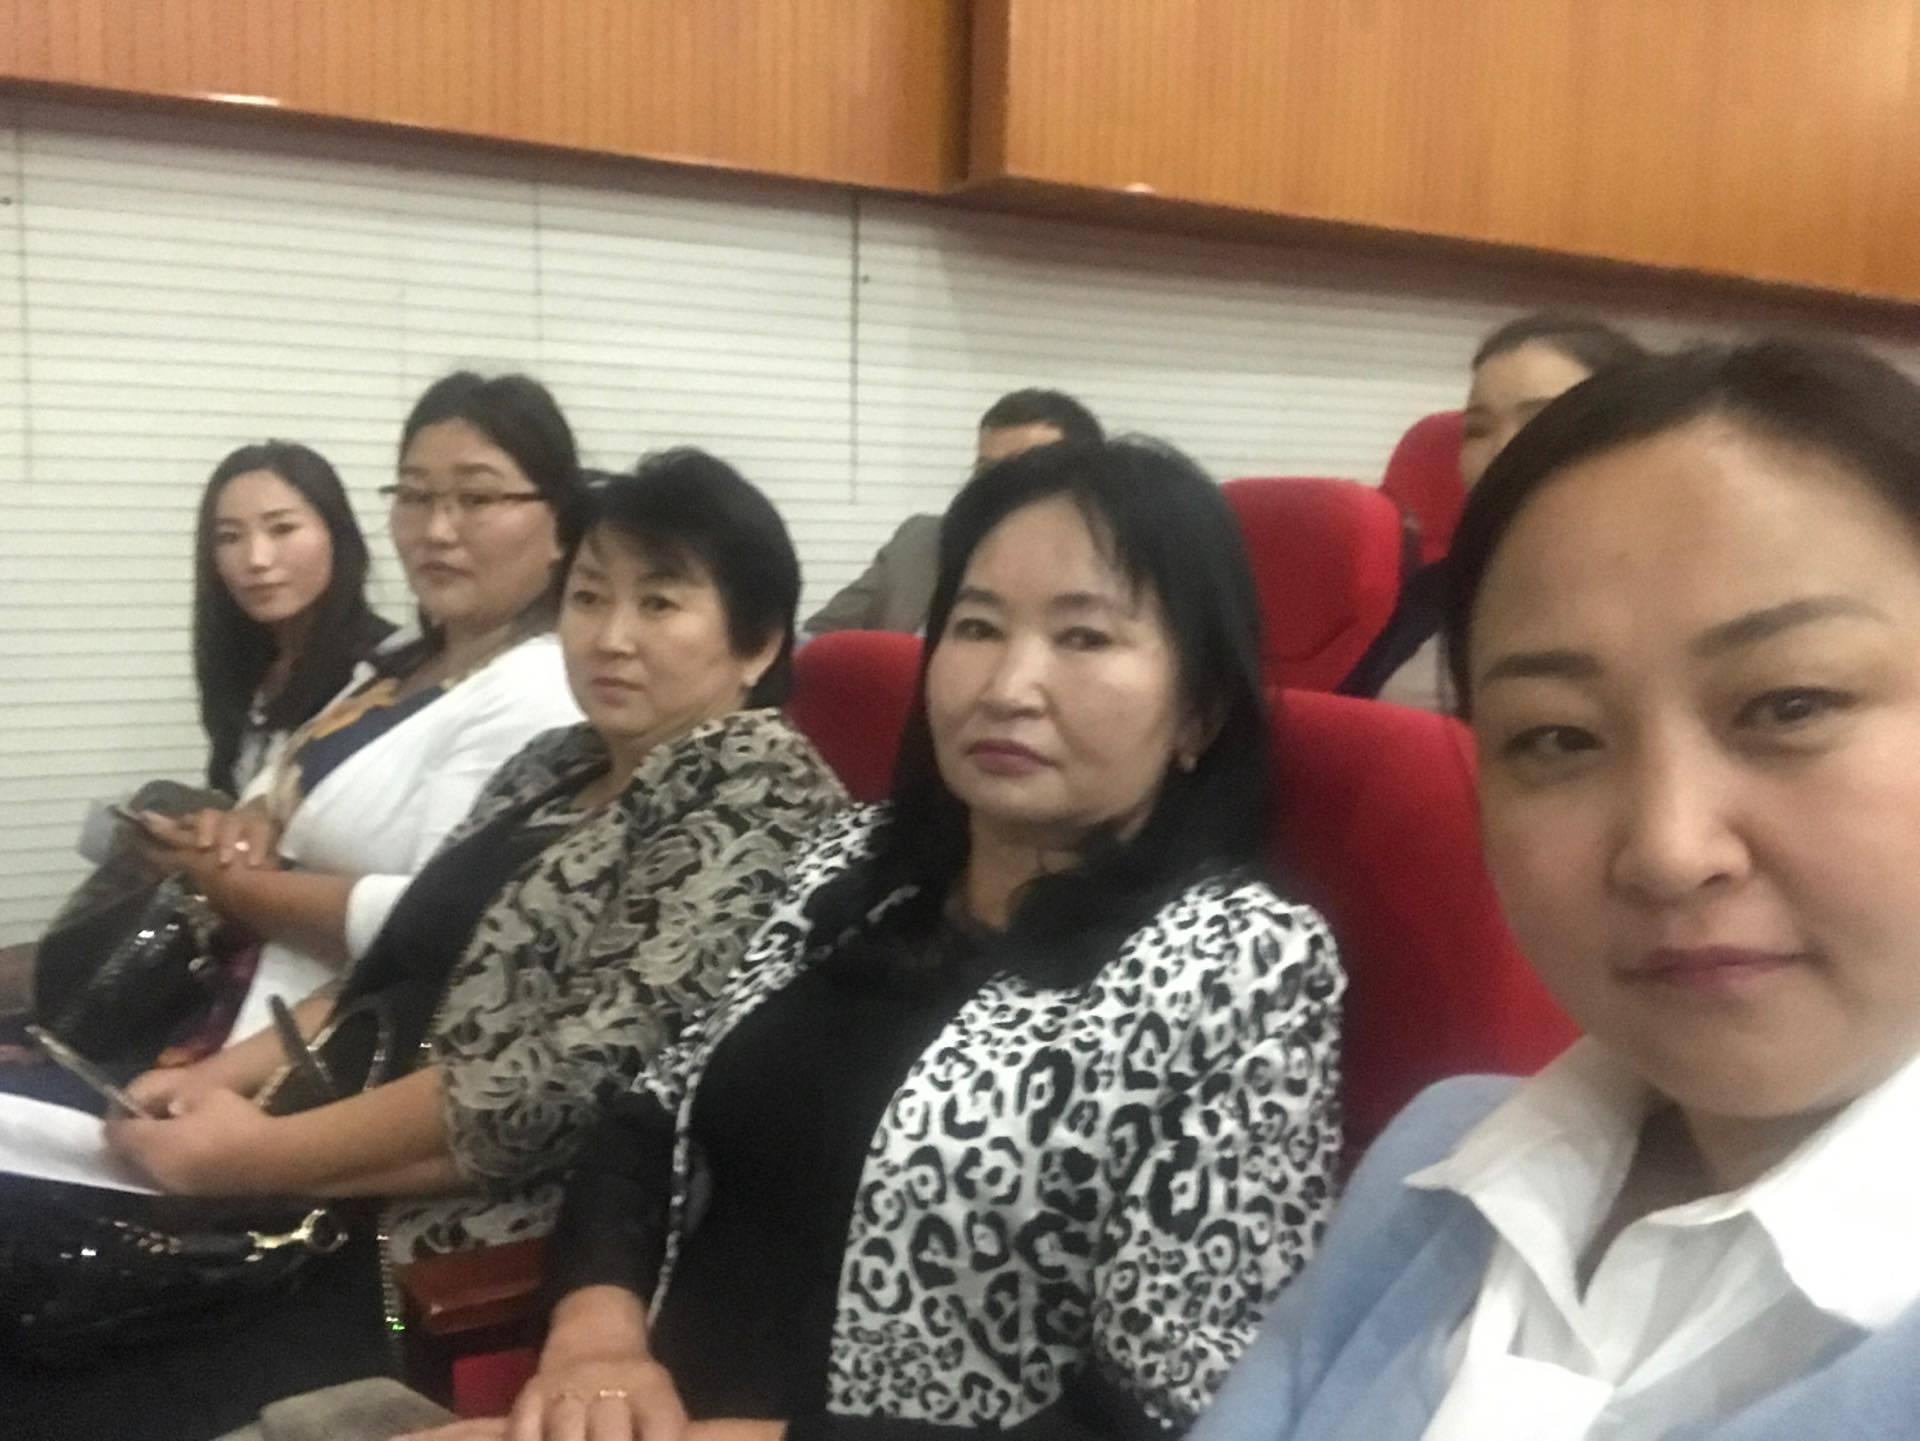 Монгол Улсын Үндсэн Хуульд оруулах нэмэлт, өөрчлөлтийн төслийг олон нийтээр хэлэлцүүлэх хэлэлцүүлэгт оролцов.